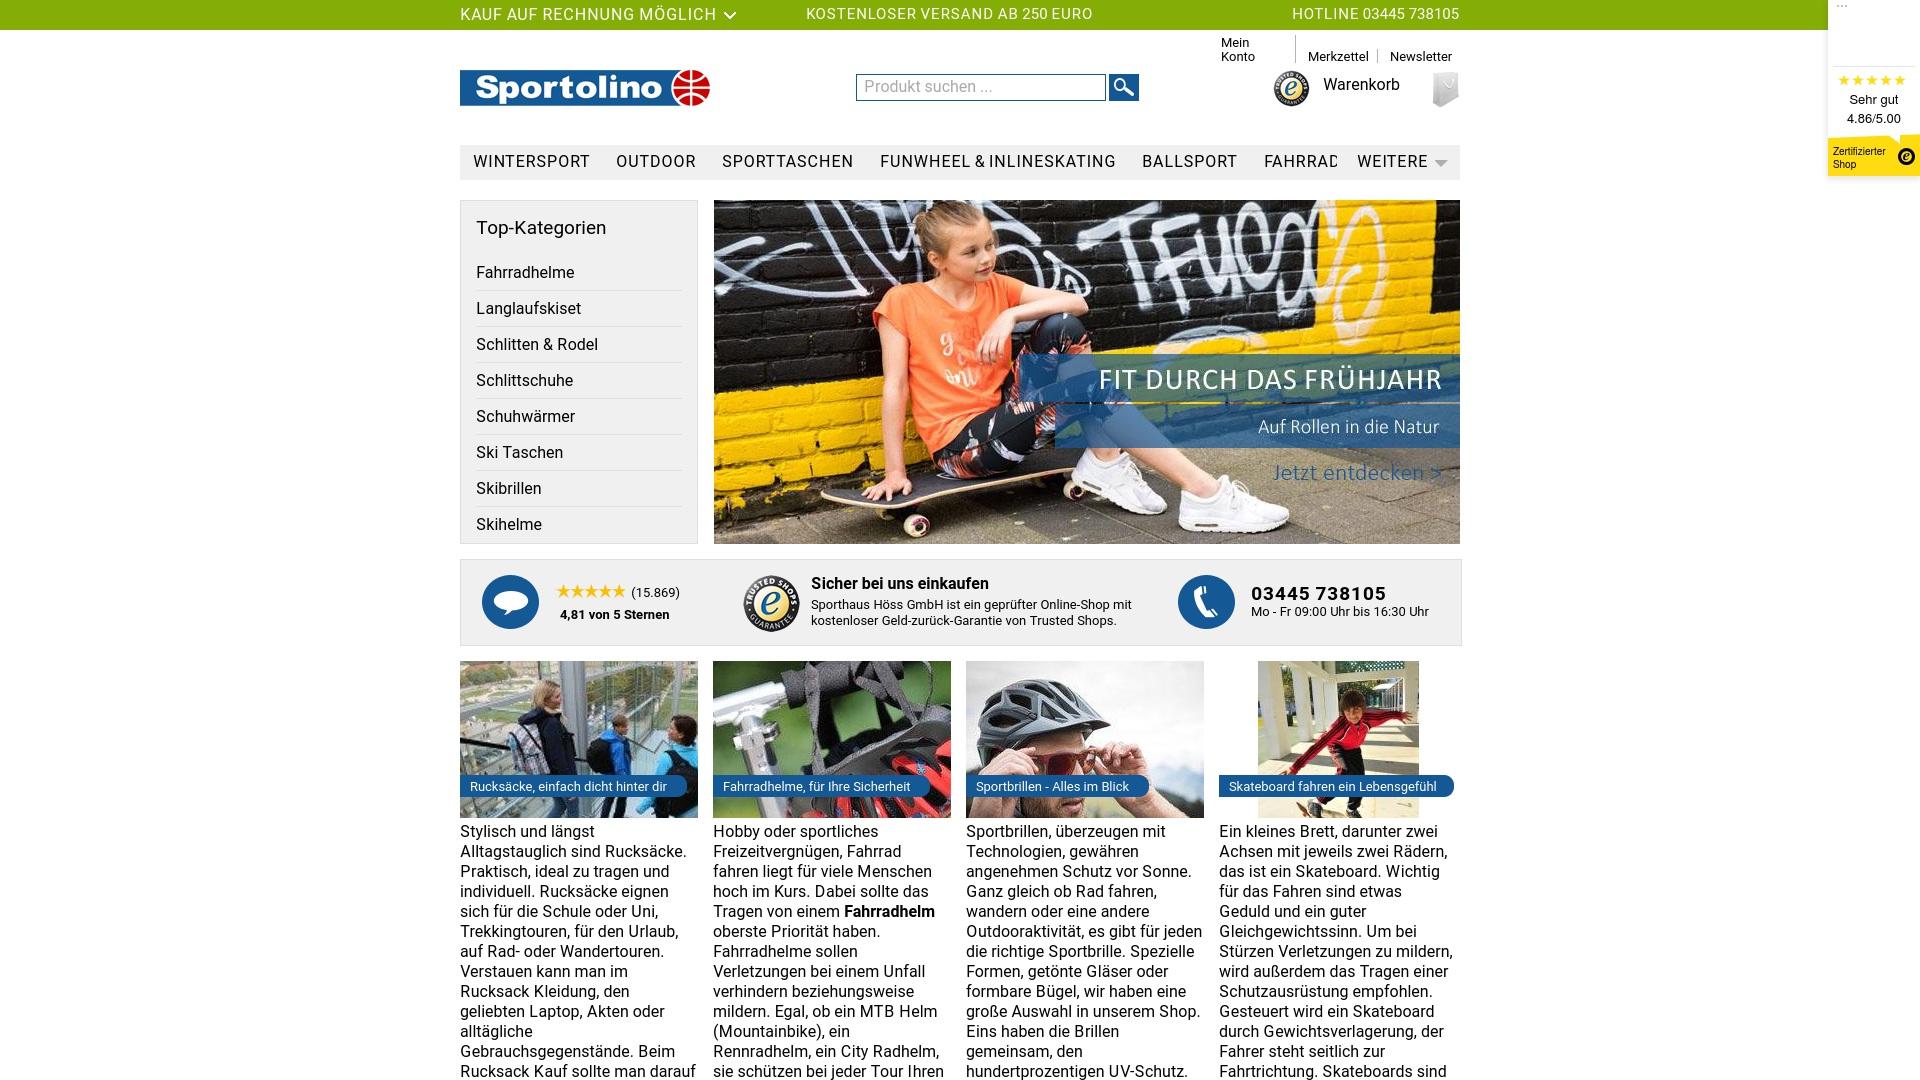 Gutschein für Sportolino: Rabatte für  Sportolino sichern